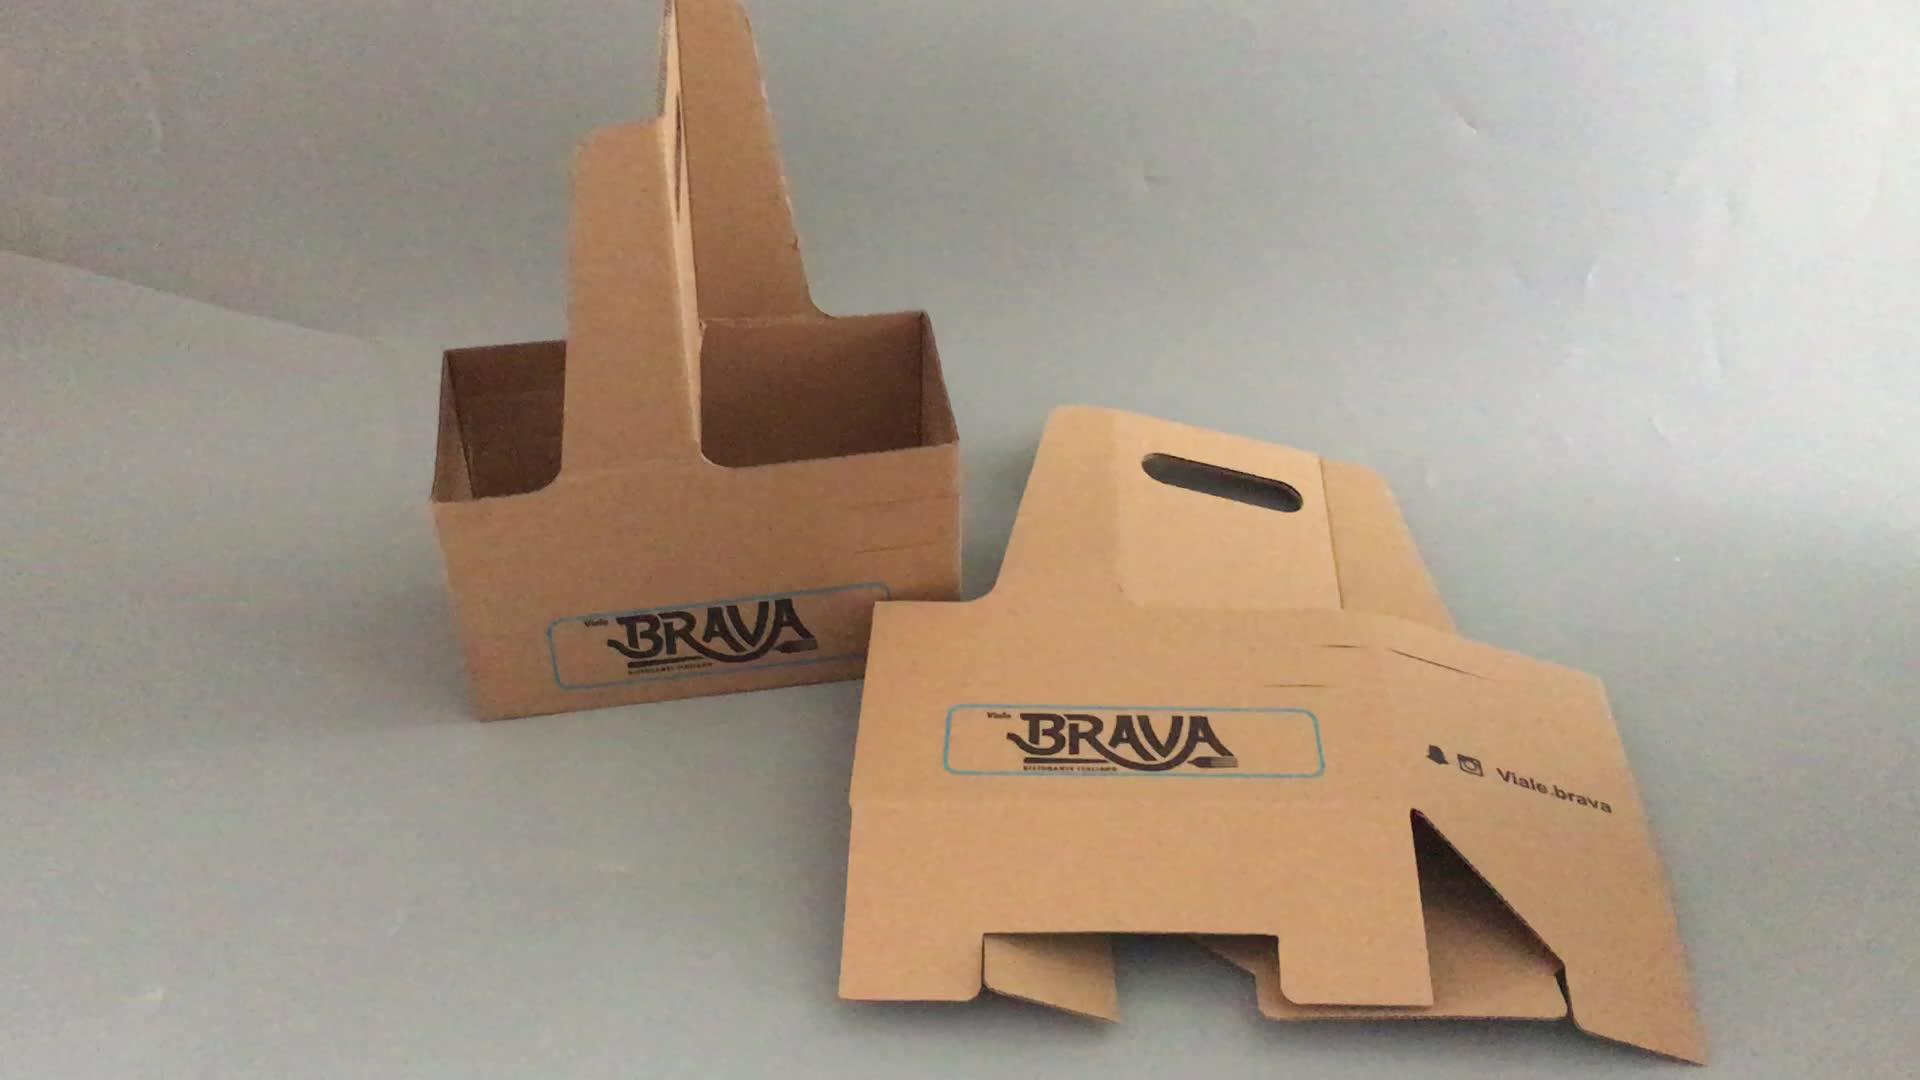 संभाल के साथ क्राफ्ट केक बॉक्स कस्टम कागज बॉक्स biodegradable खाद्य पैकेजिंग